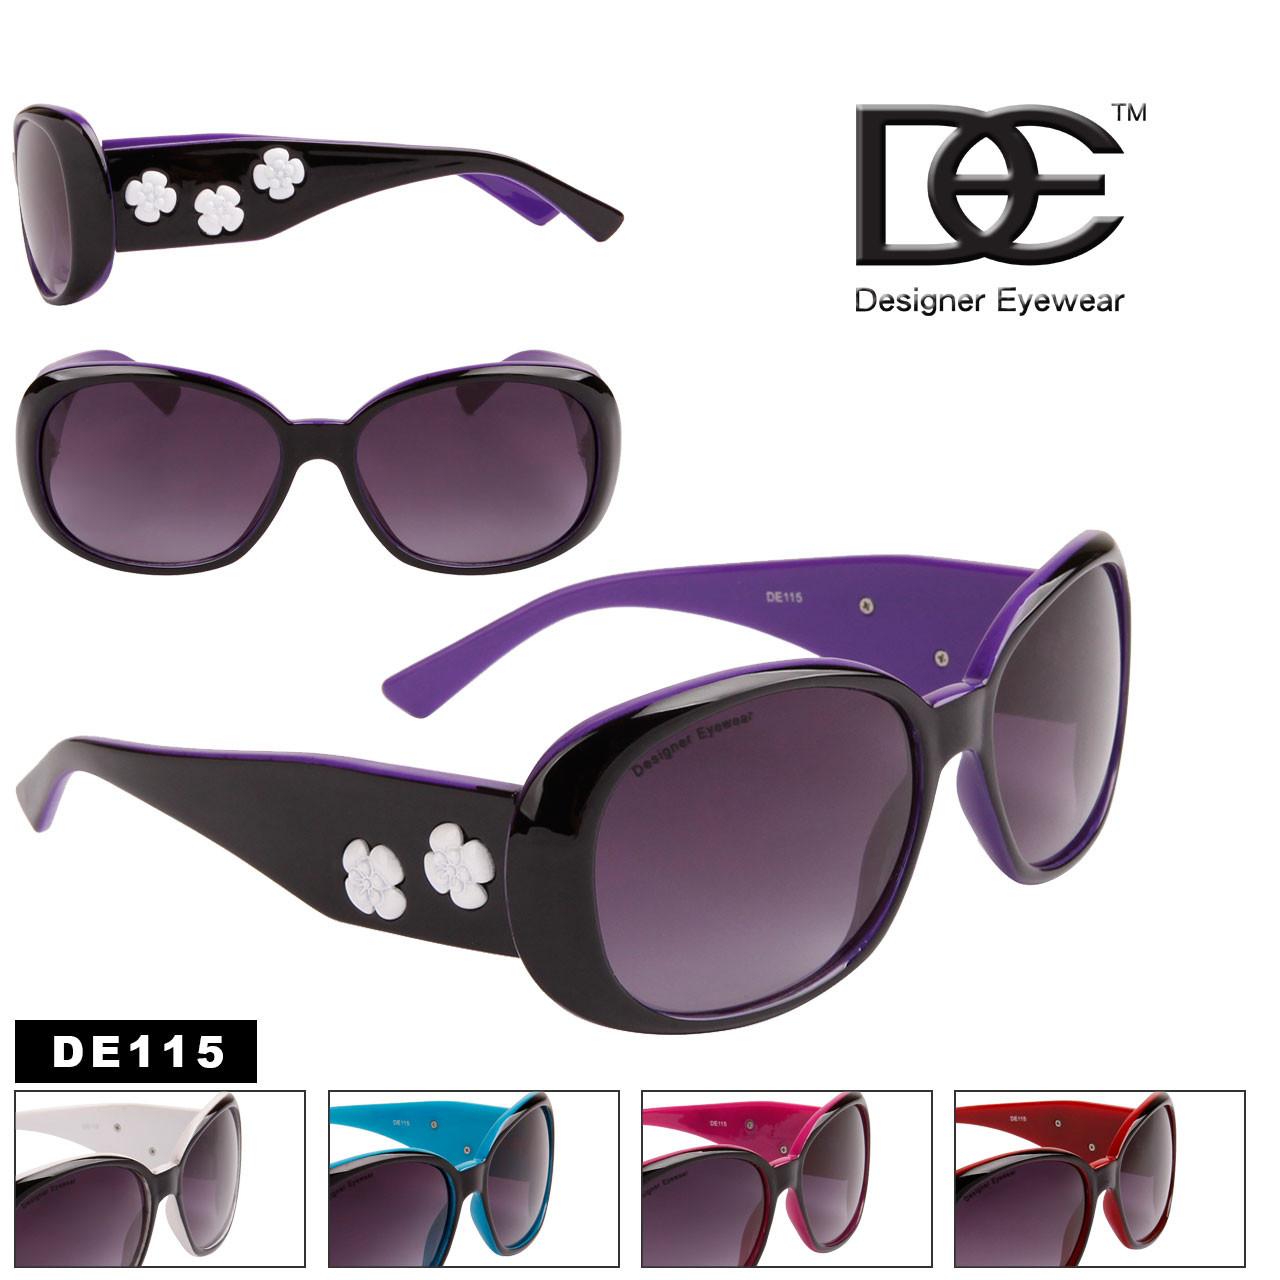 DE™ Fashion Sunglasses by the Dozen - Style #DE115